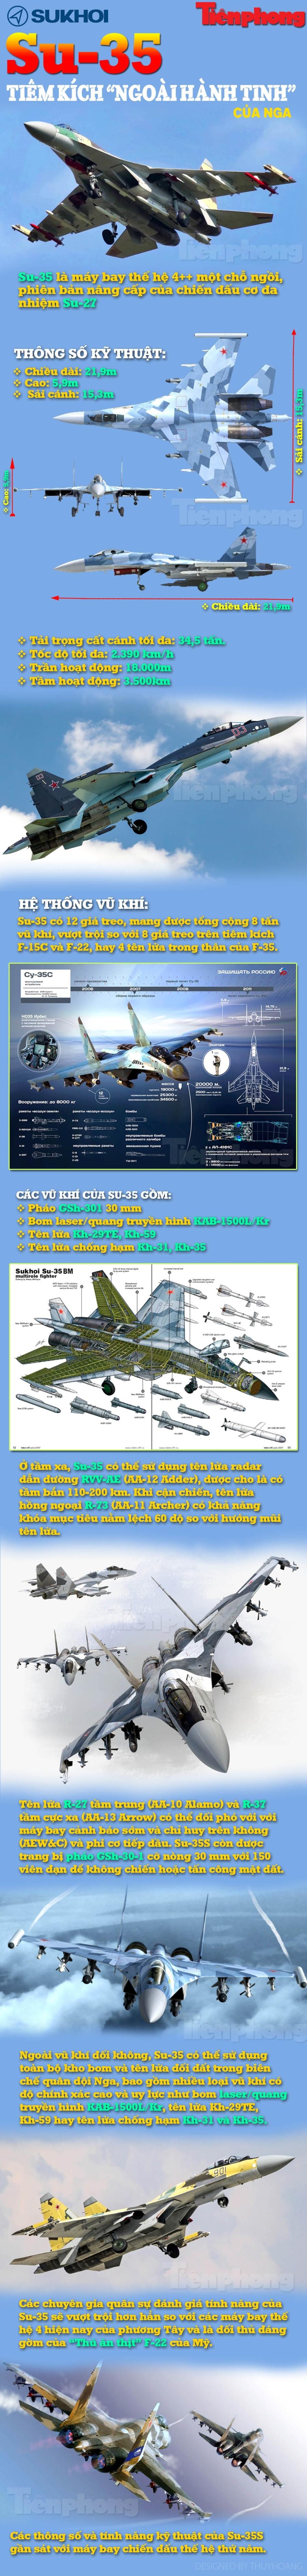 [Infographic] Su-35 – Tiêm kích 'ngoài hành tinh' của Nga - ảnh 1